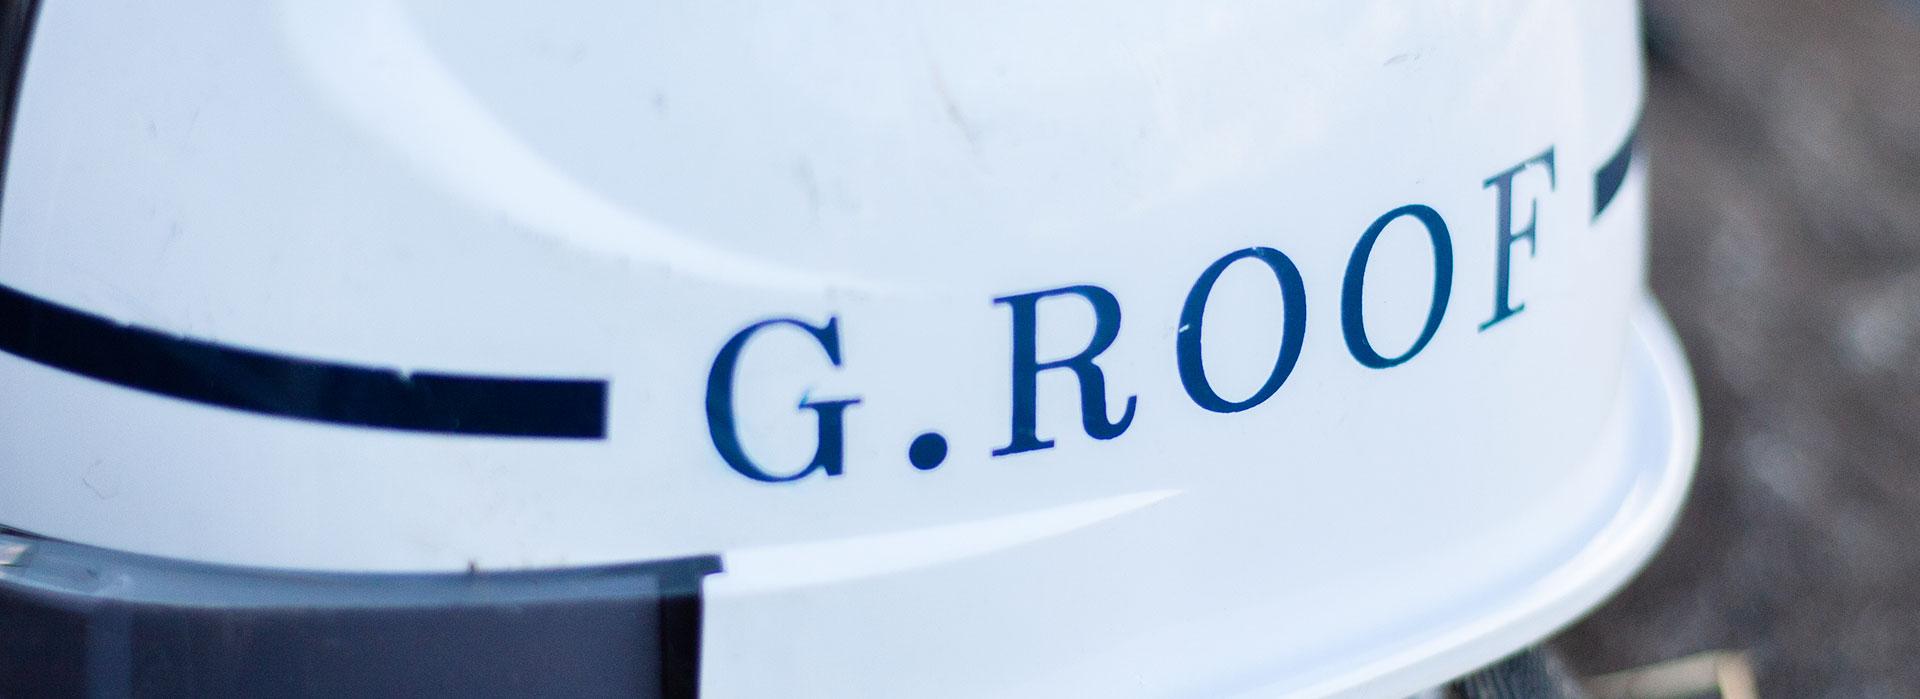 神戸の屋根工事・雨漏り・雨樋工事のプロ集団!G.ROOFについて